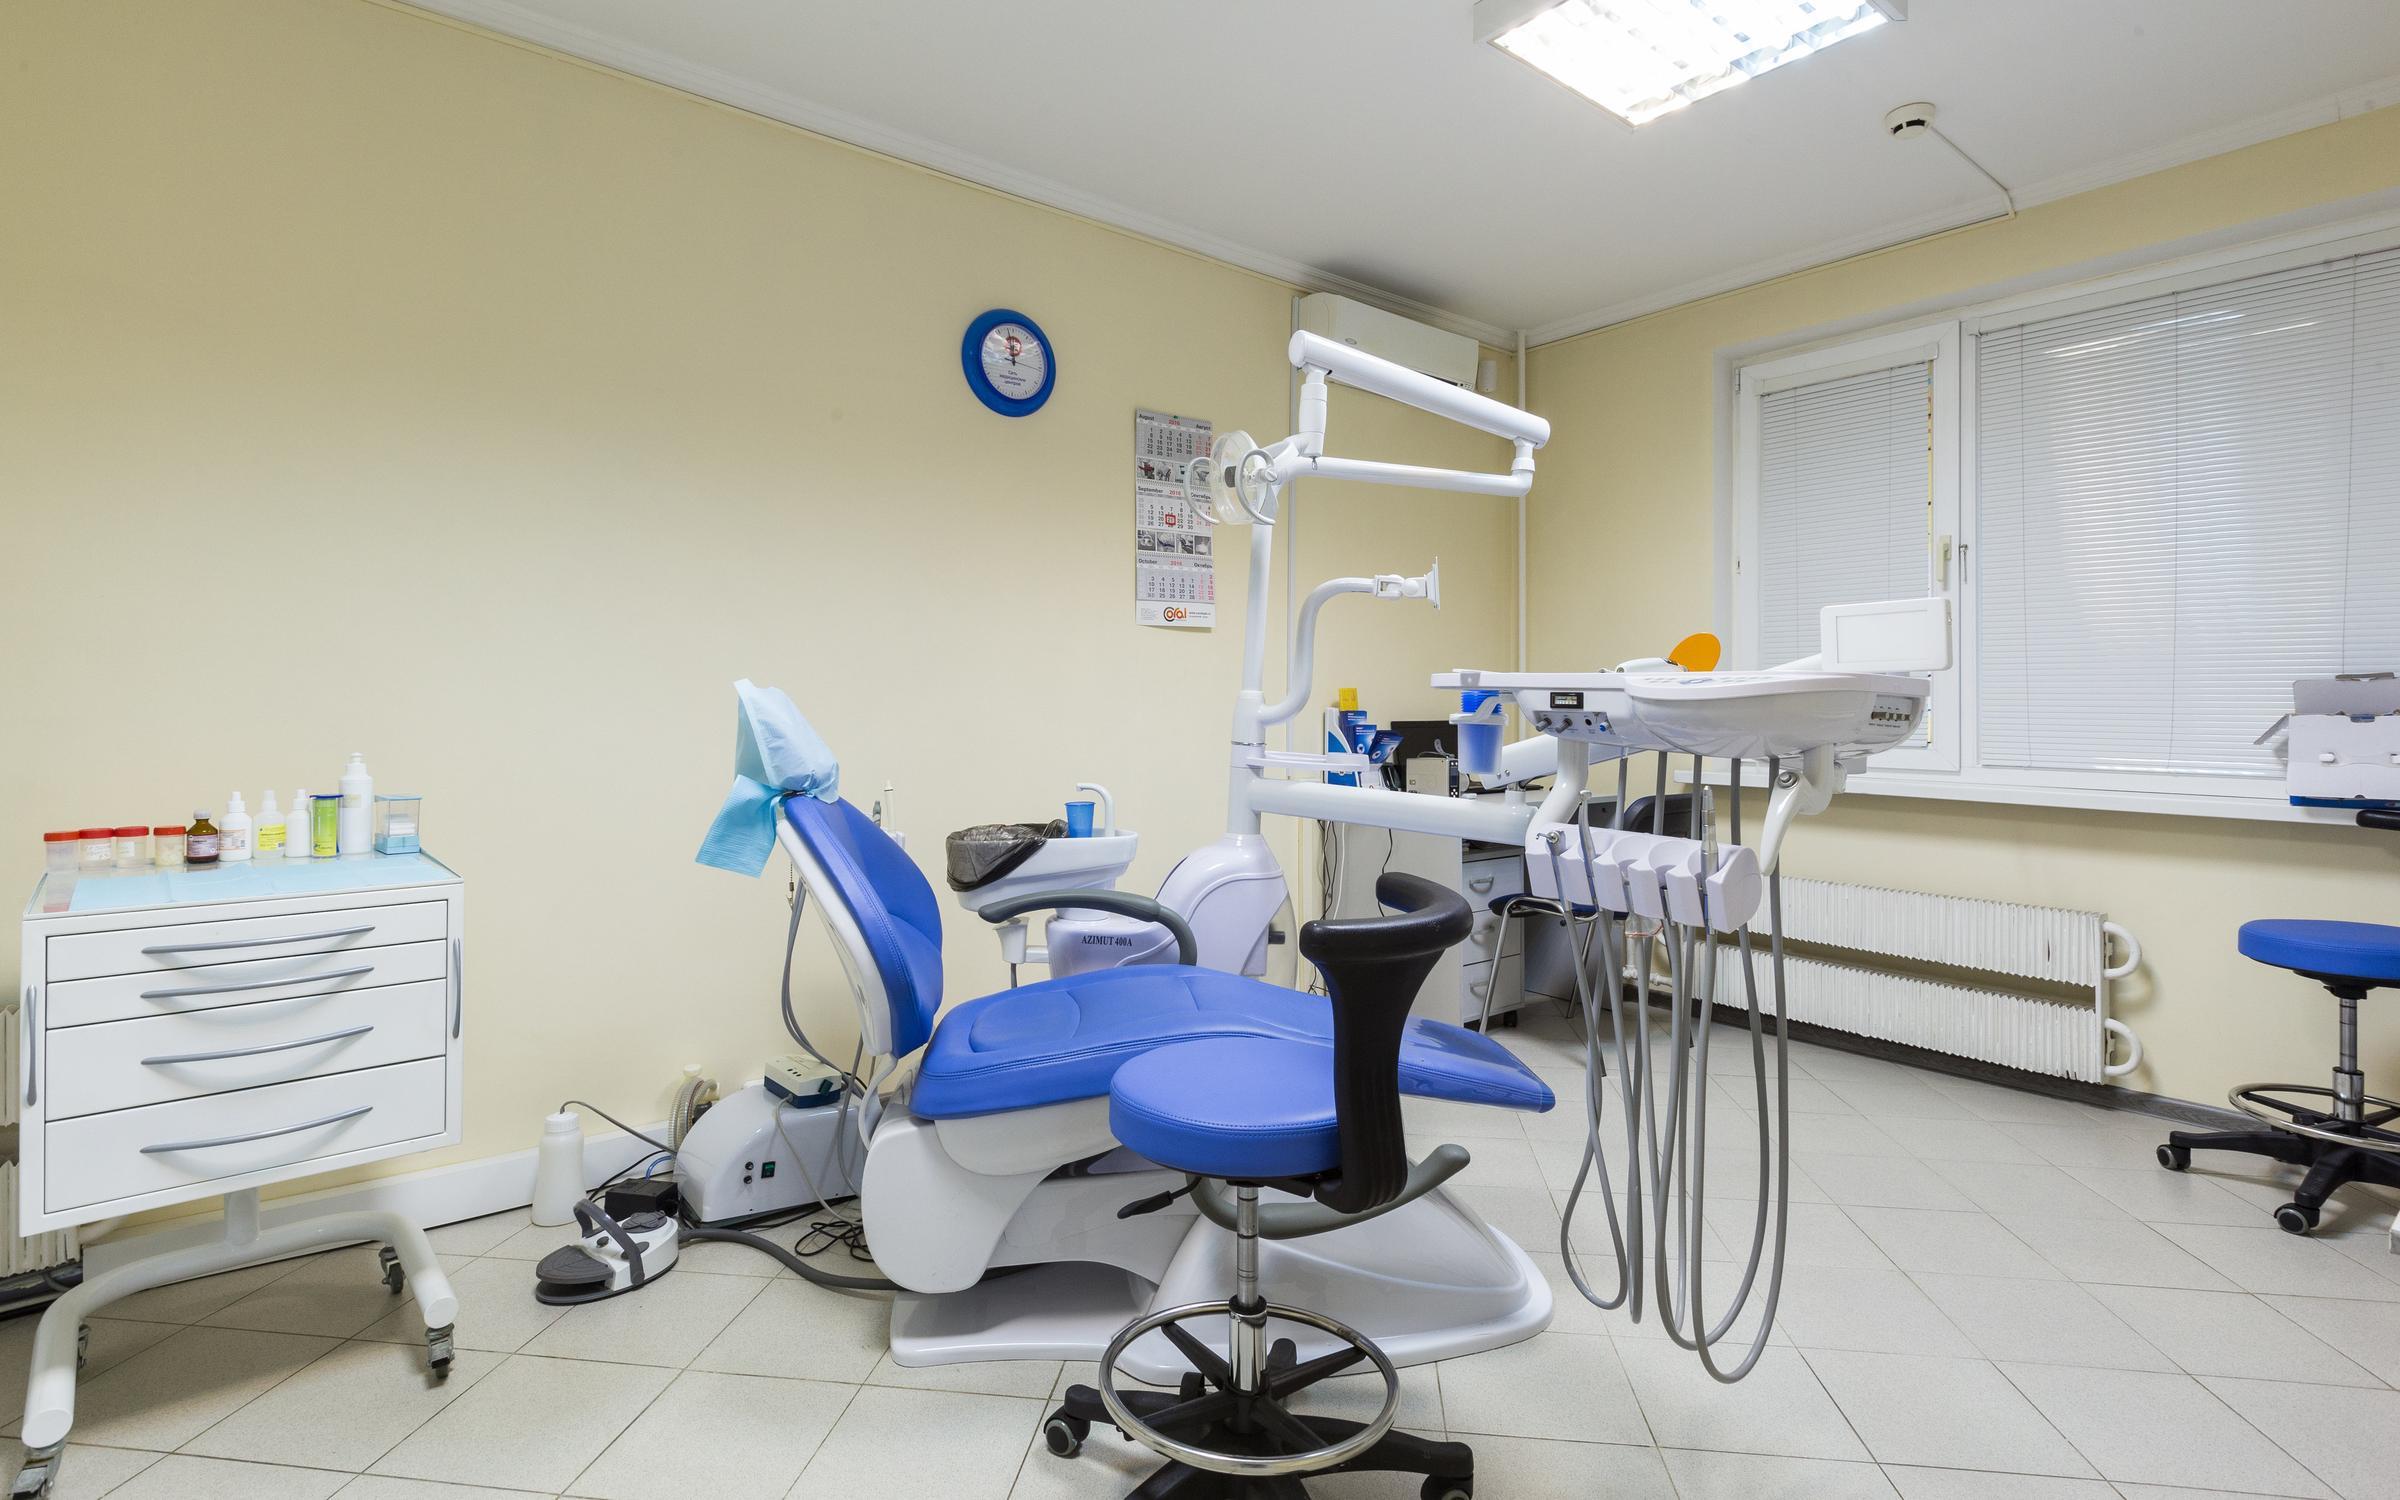 фотография Медицинского центра АвроМед на улице Лескова